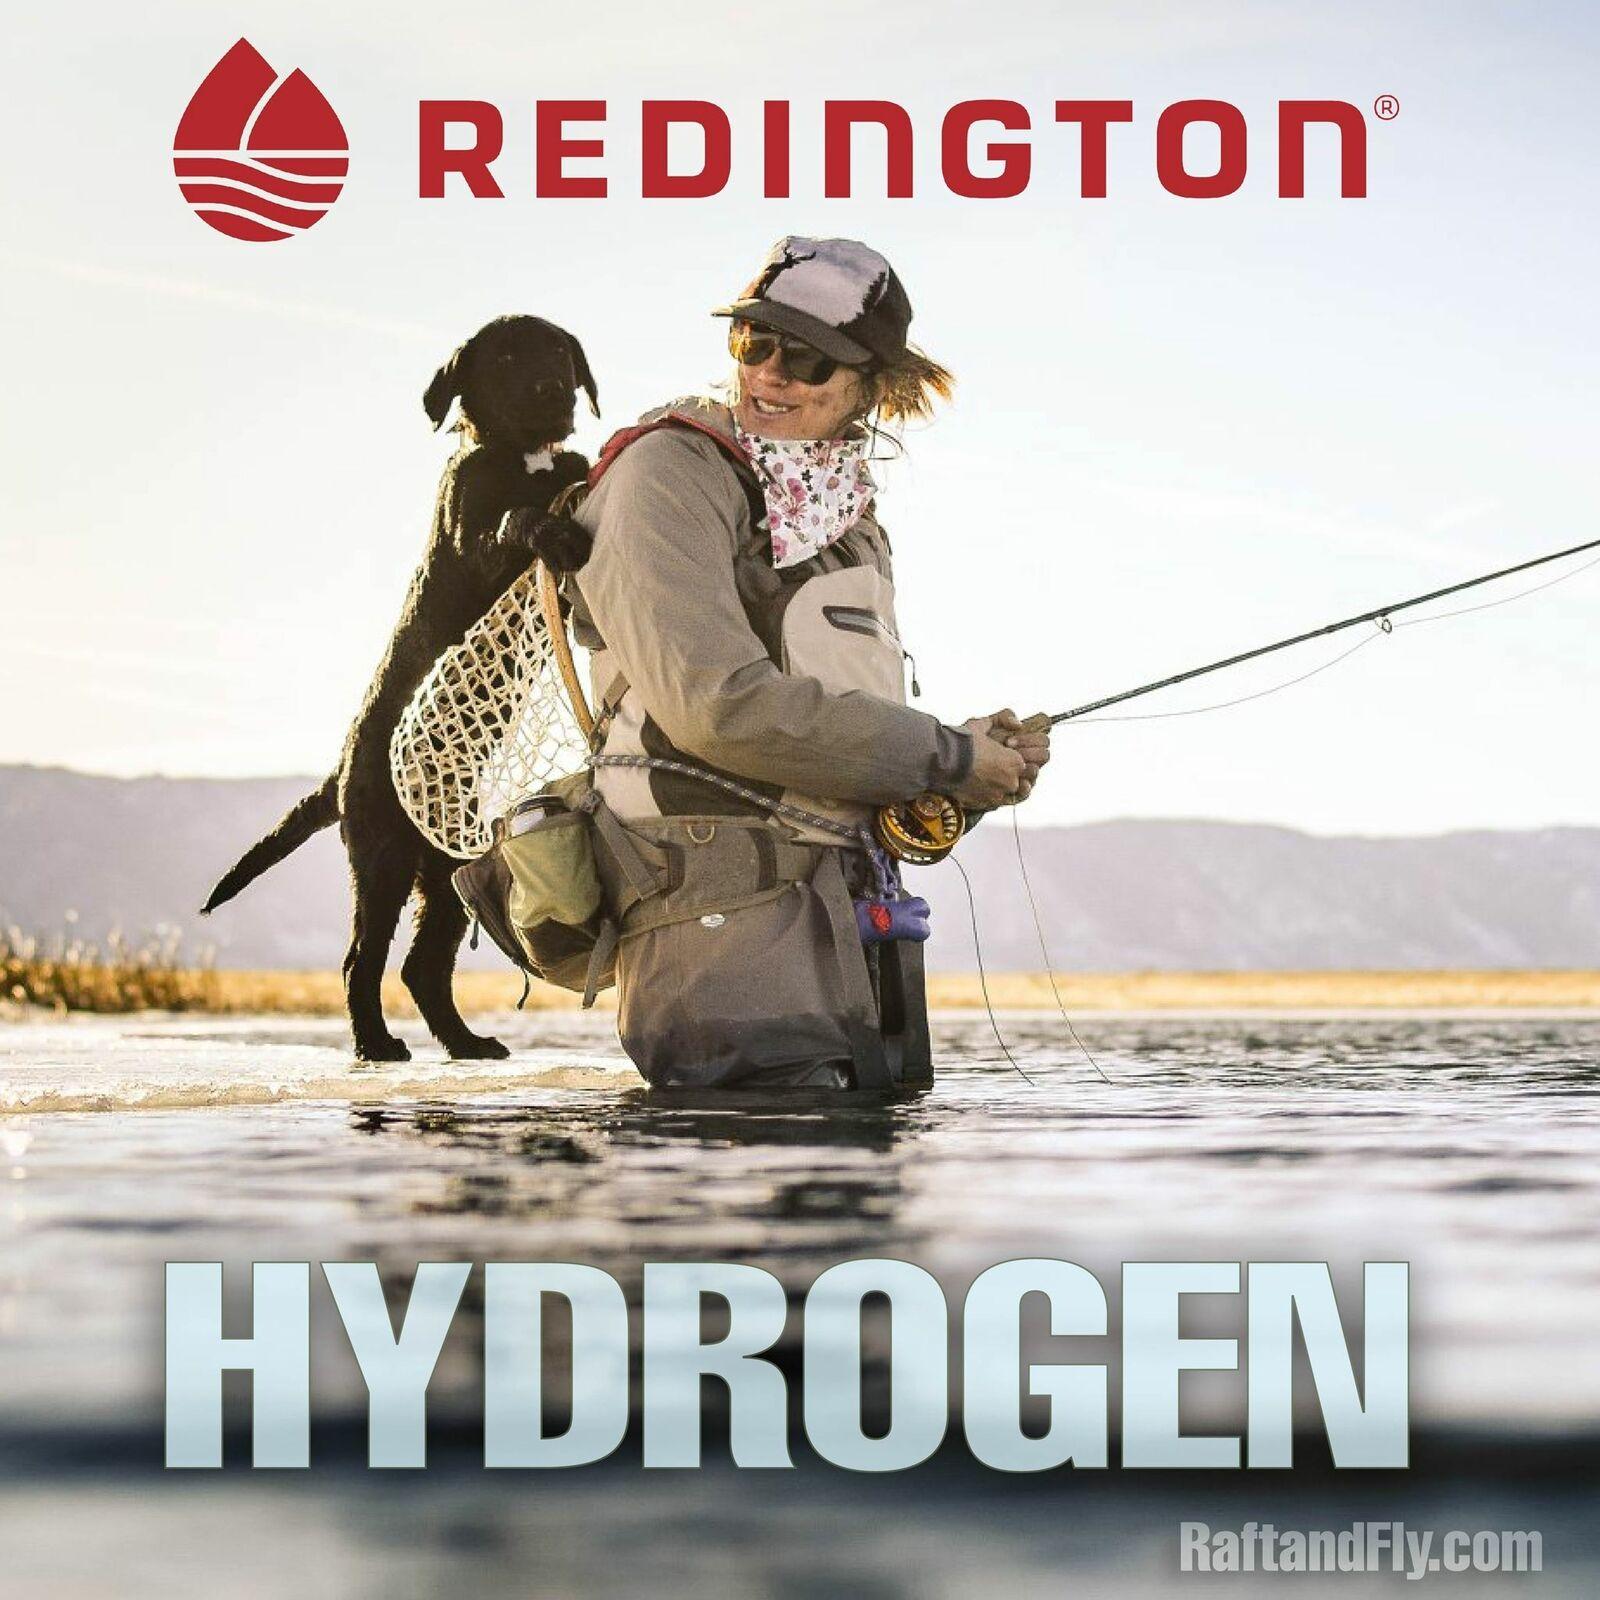 rossoington Hydrogen 4wt 8'6  Lifetime Warranty  Free Shipping